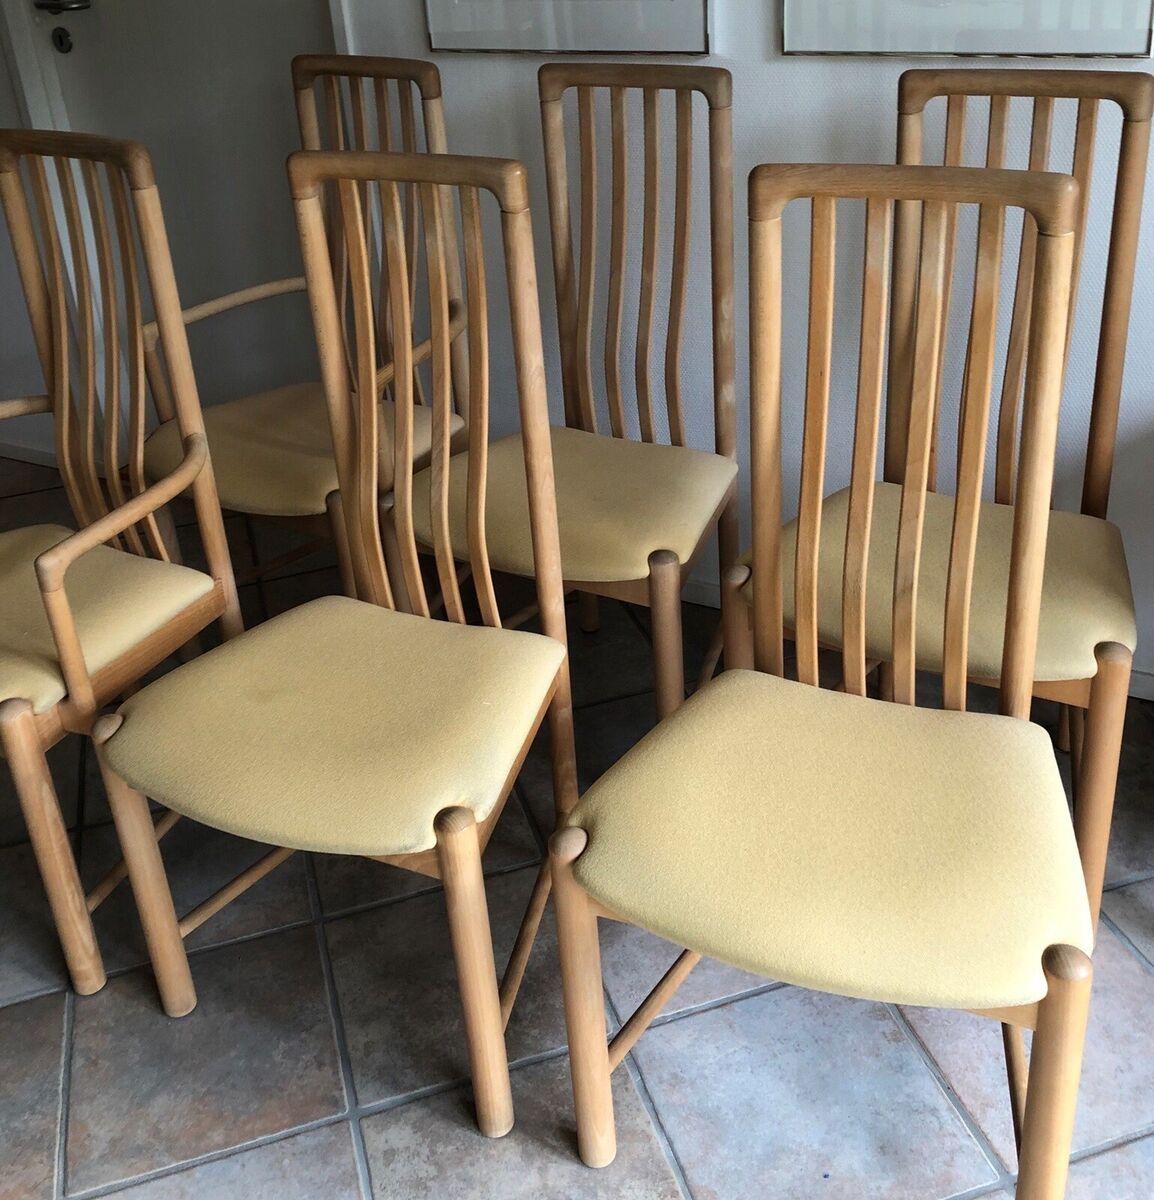 Haslev Møbelsnedkeri, stol, Haslev, 6 arkitekttegnede spi